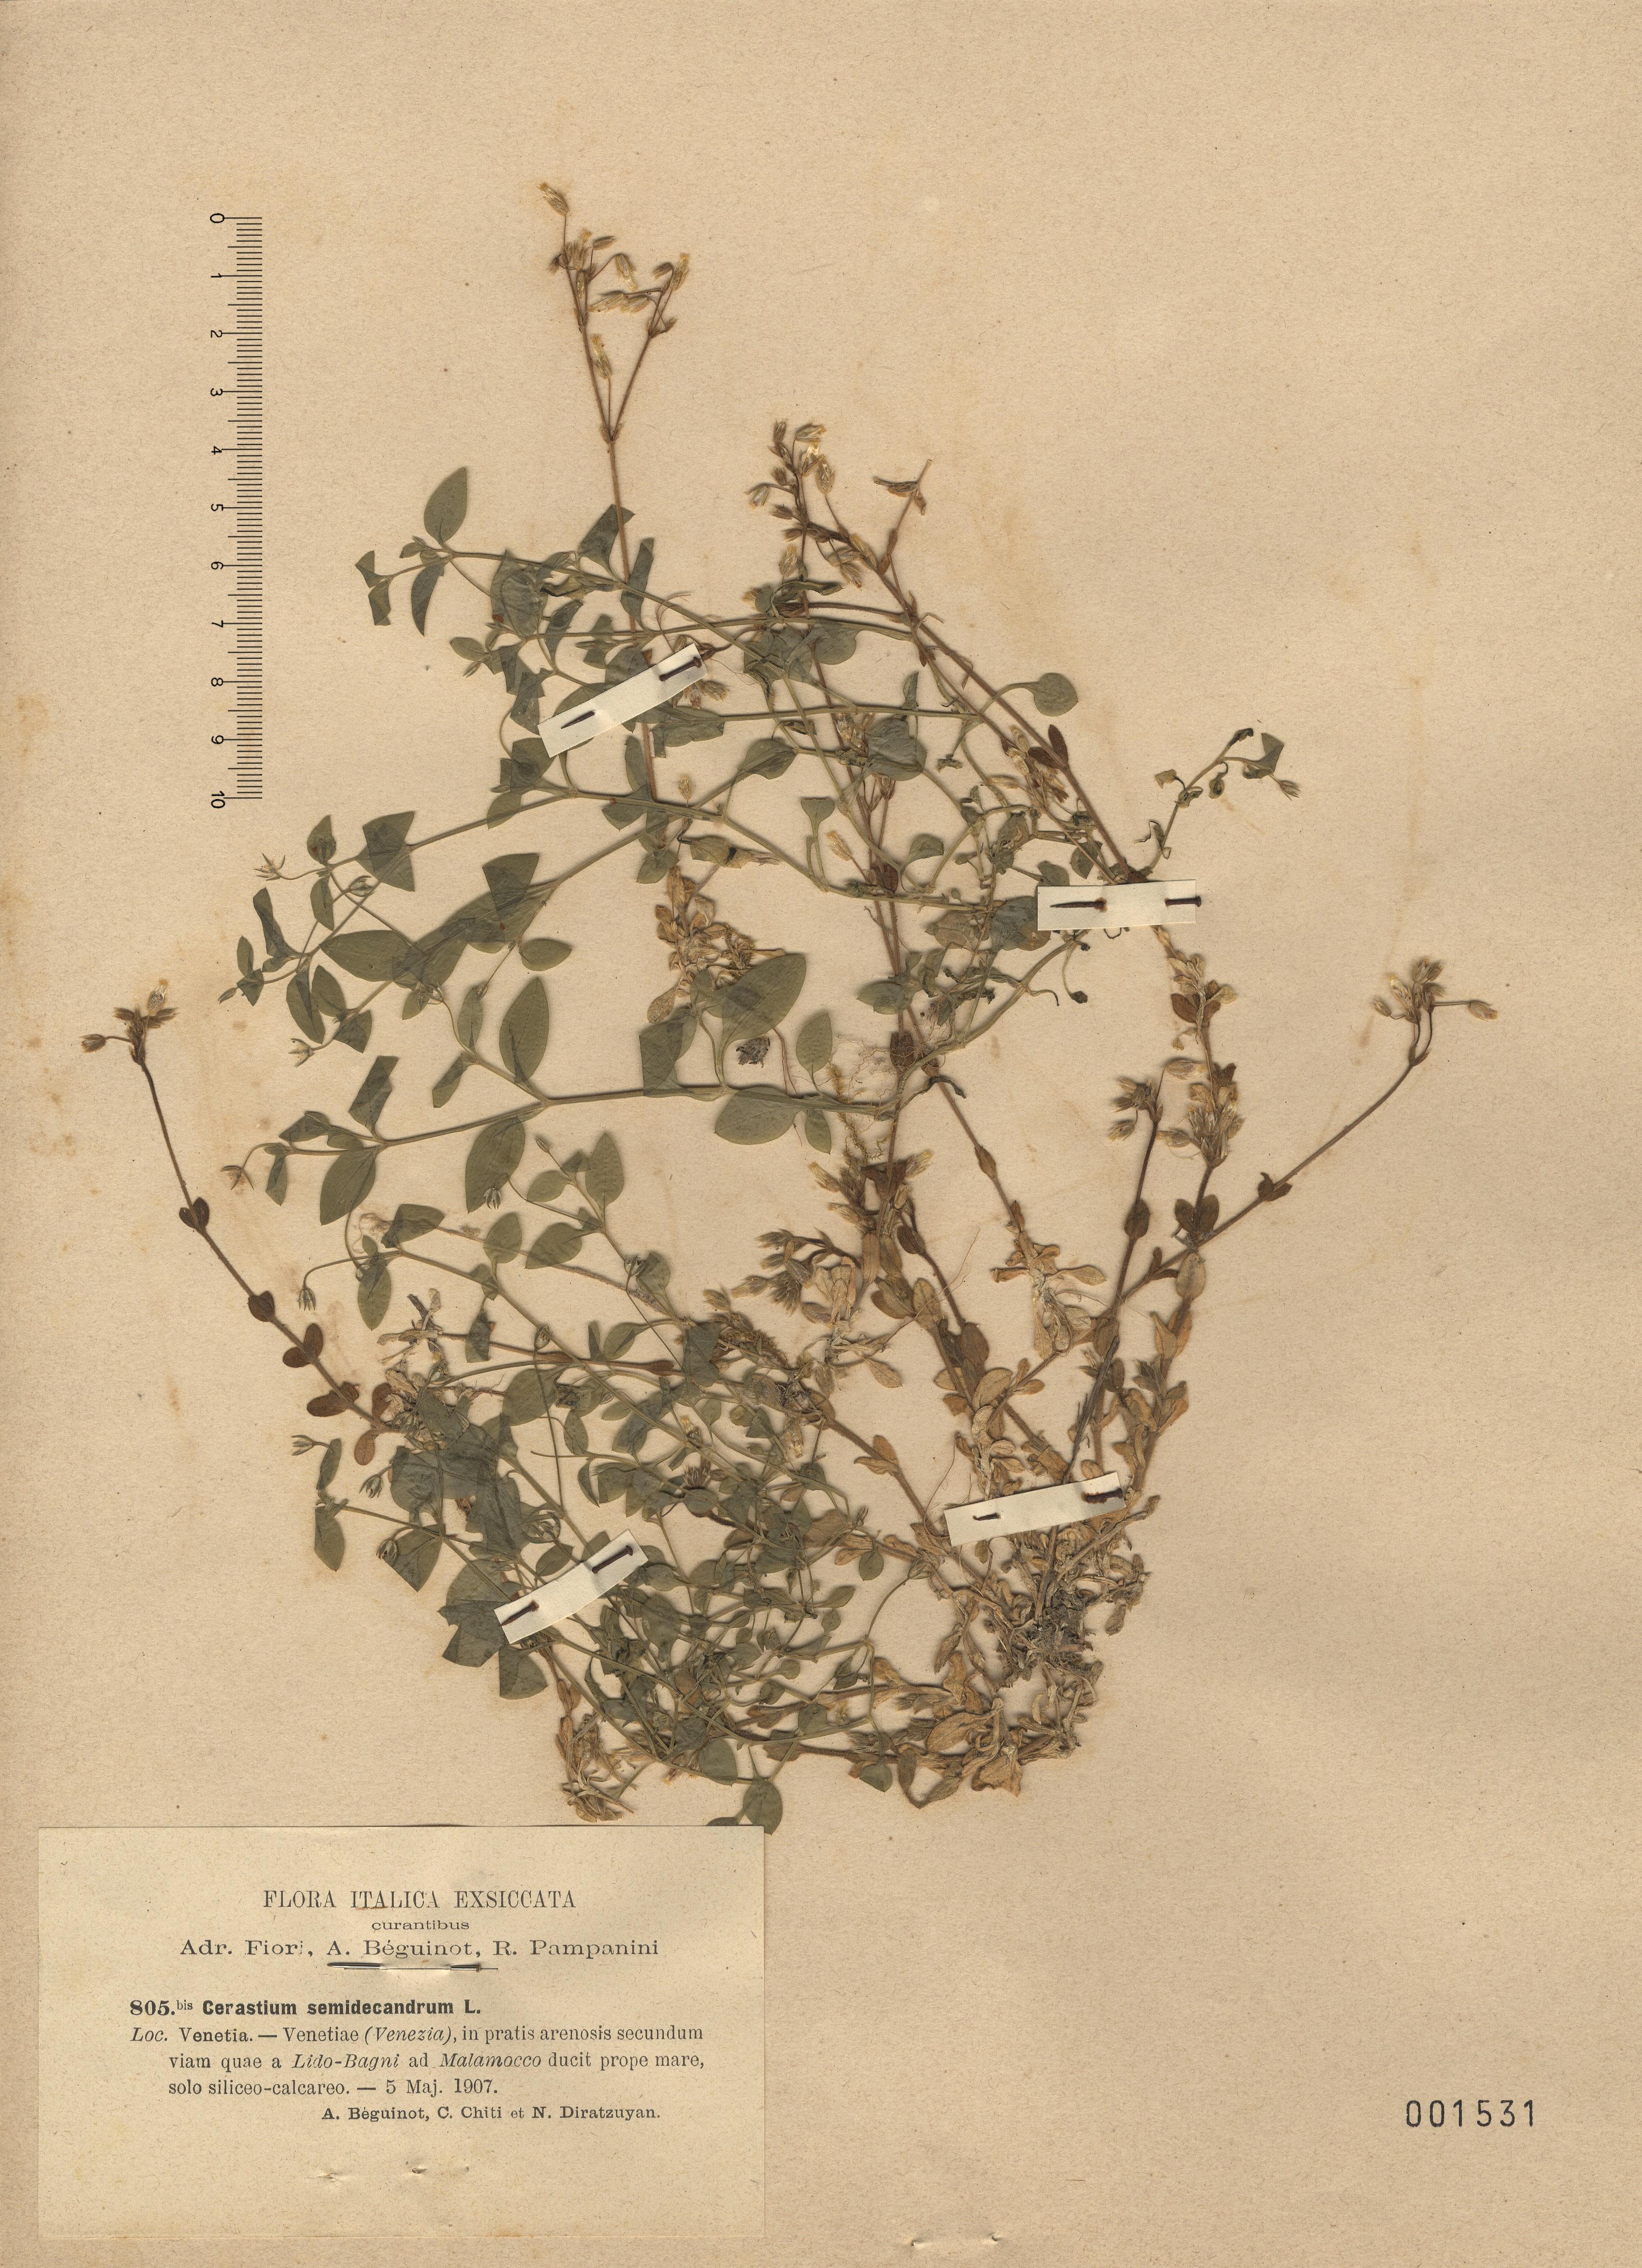 © Hortus Botanicus Catinensis - Herb. sheet 001531<br>